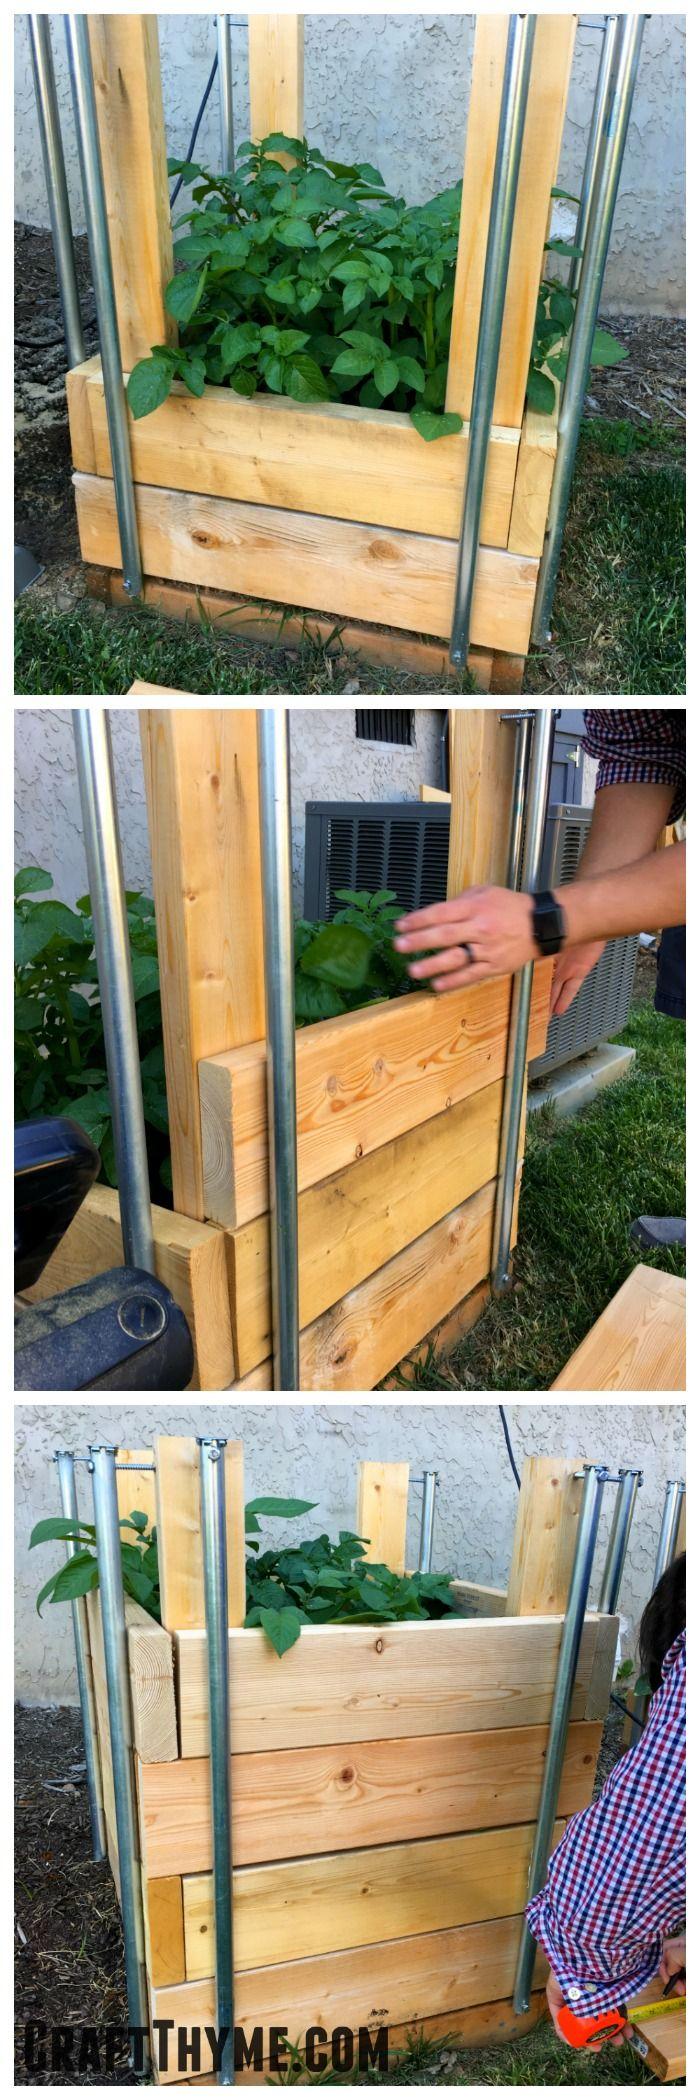 How to Build Potato Boxes Potato tower, Grow potatoes in